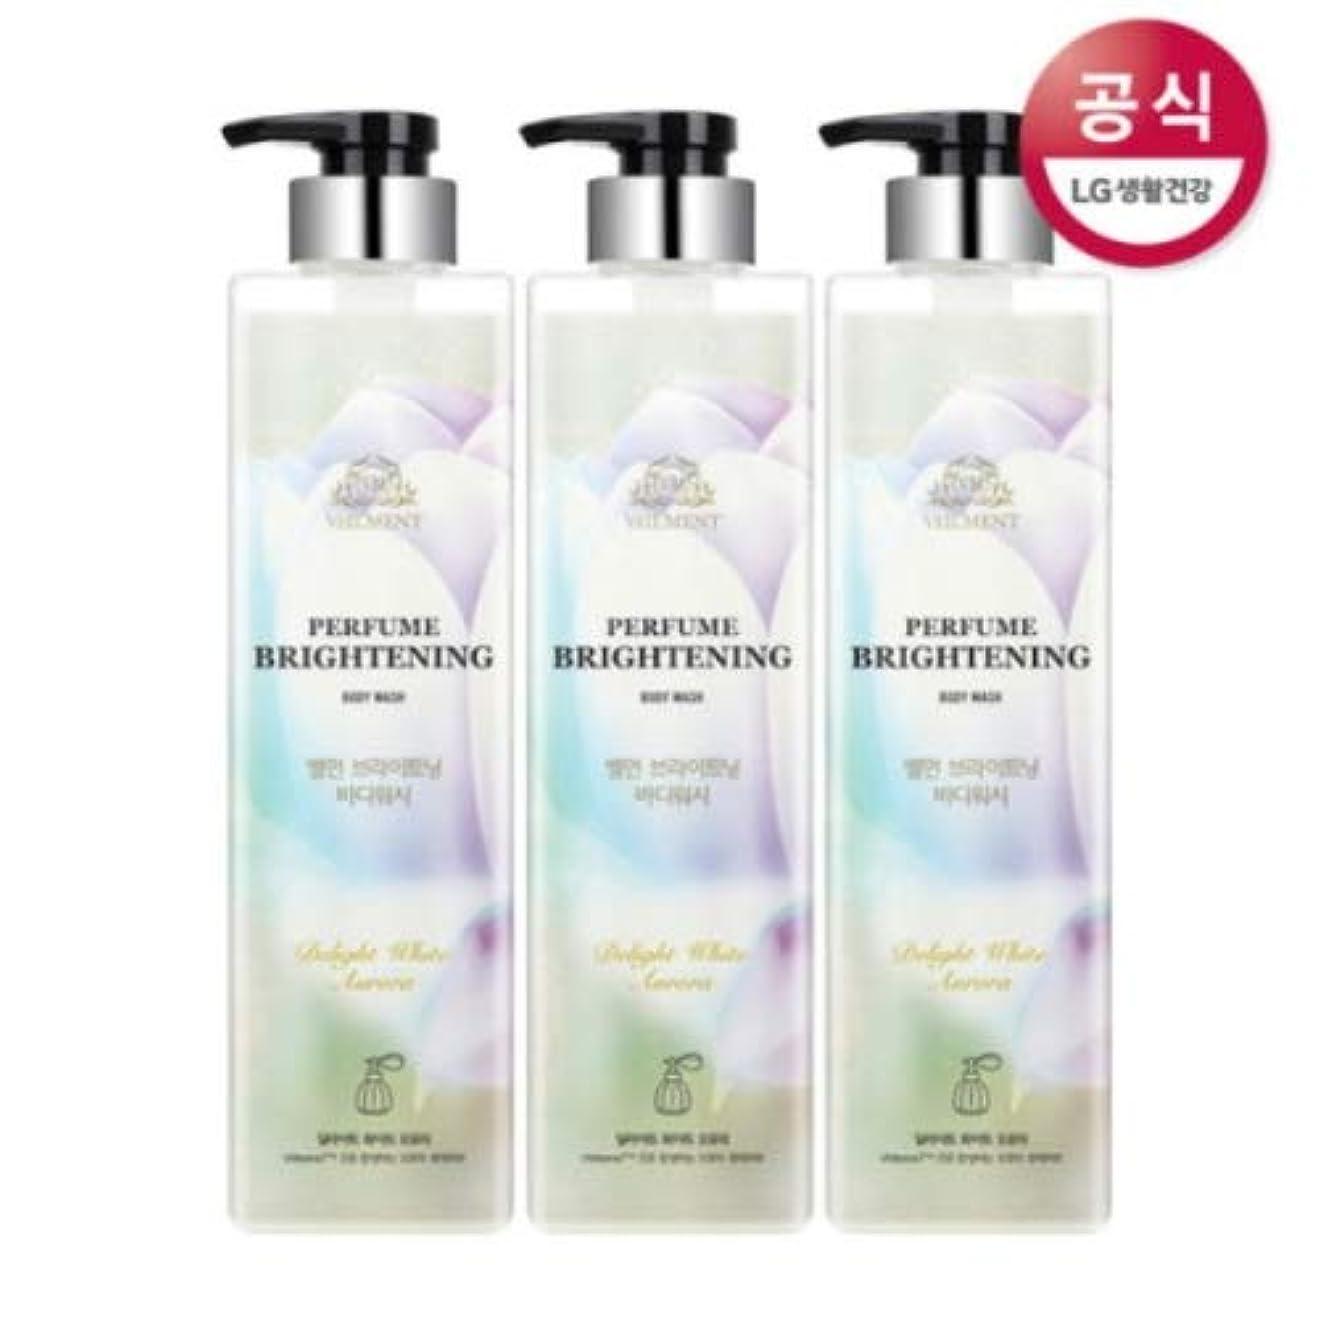 トムオードリース反論バン[LG HnB] On the Body Belman Perfume Brightening Body Wash / オンザボディベルモンパフュームブライトニングボディウォッシュ680mlx3個(海外直送品)